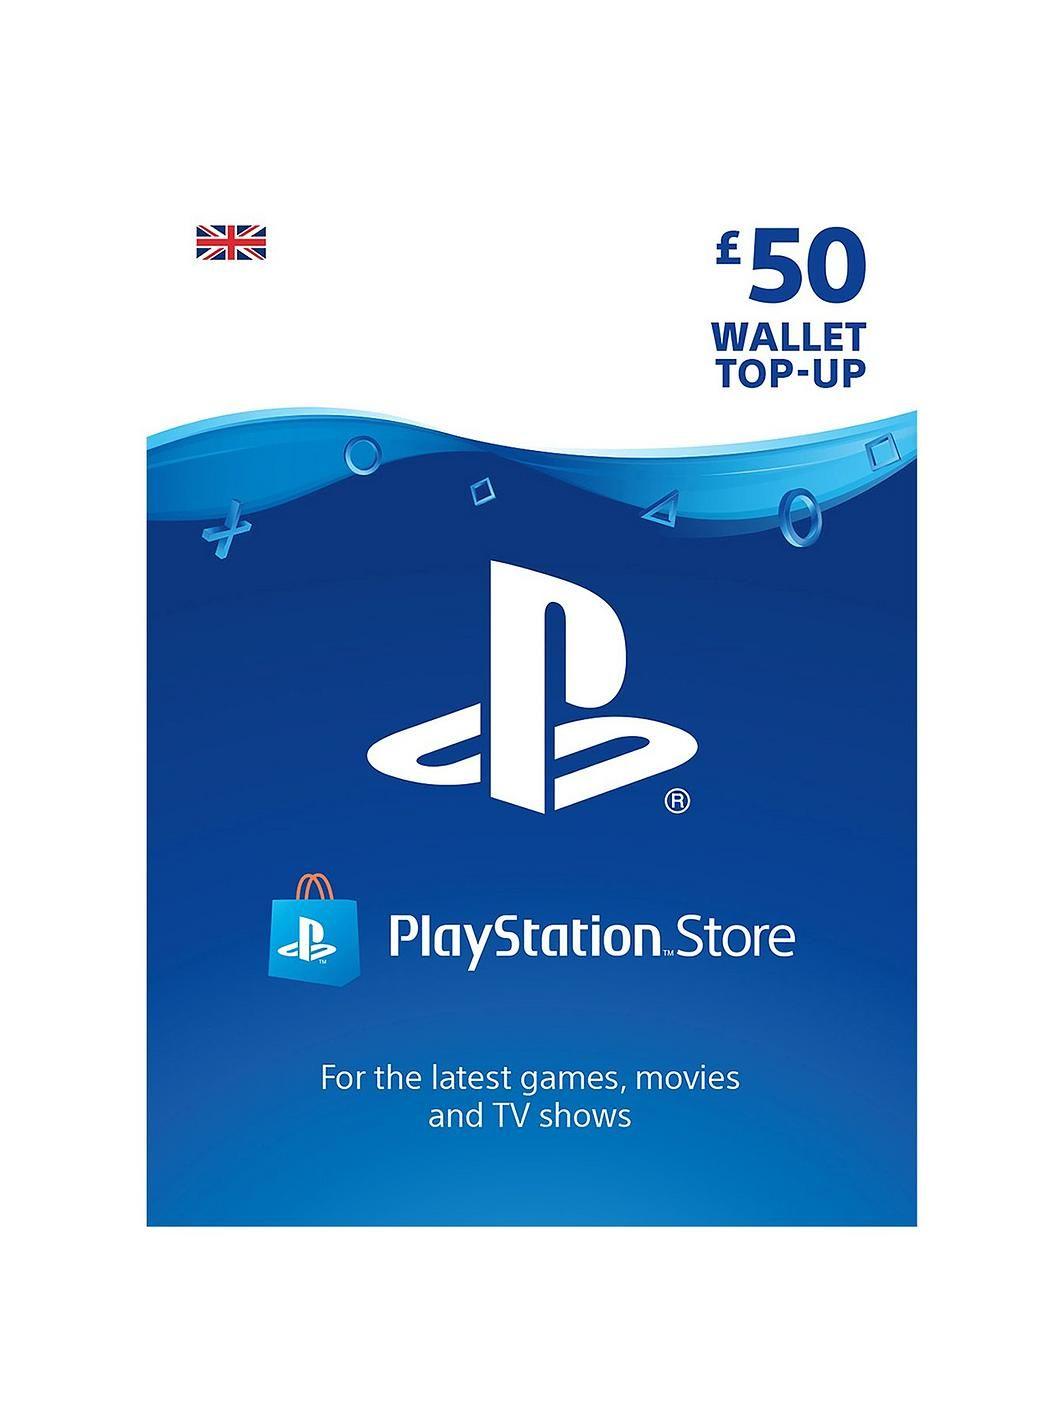 Playstation 4 PSN Wallet Top Up 50.00 Digital Dow